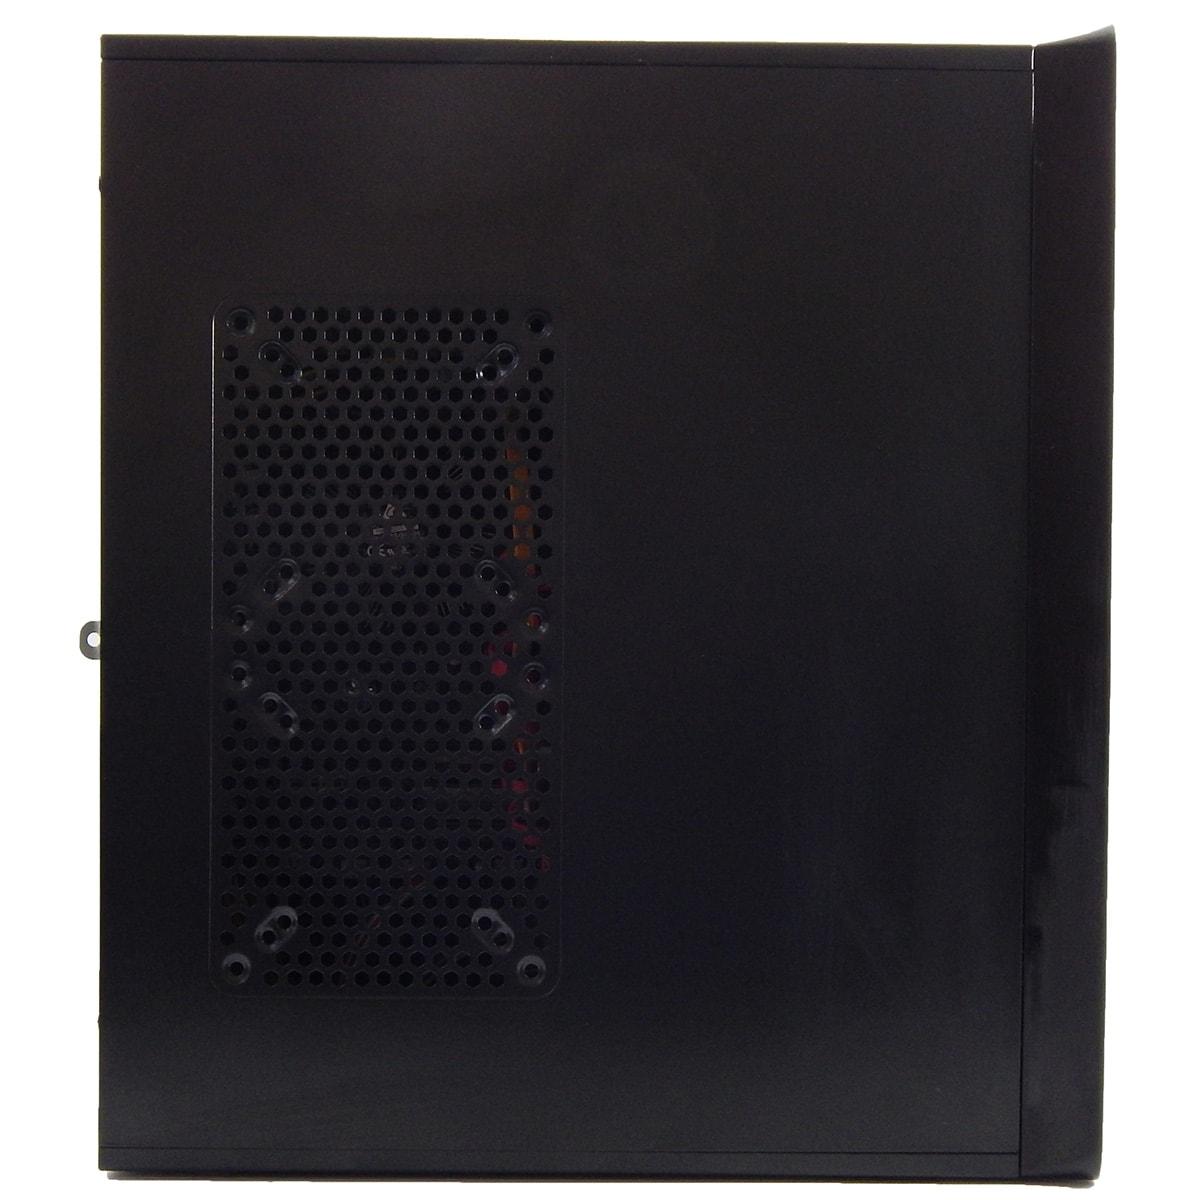 PC Positivo Unique K2080 Intel Dual Celeron G530 4Gb 320Gb - Novo - Reembalado